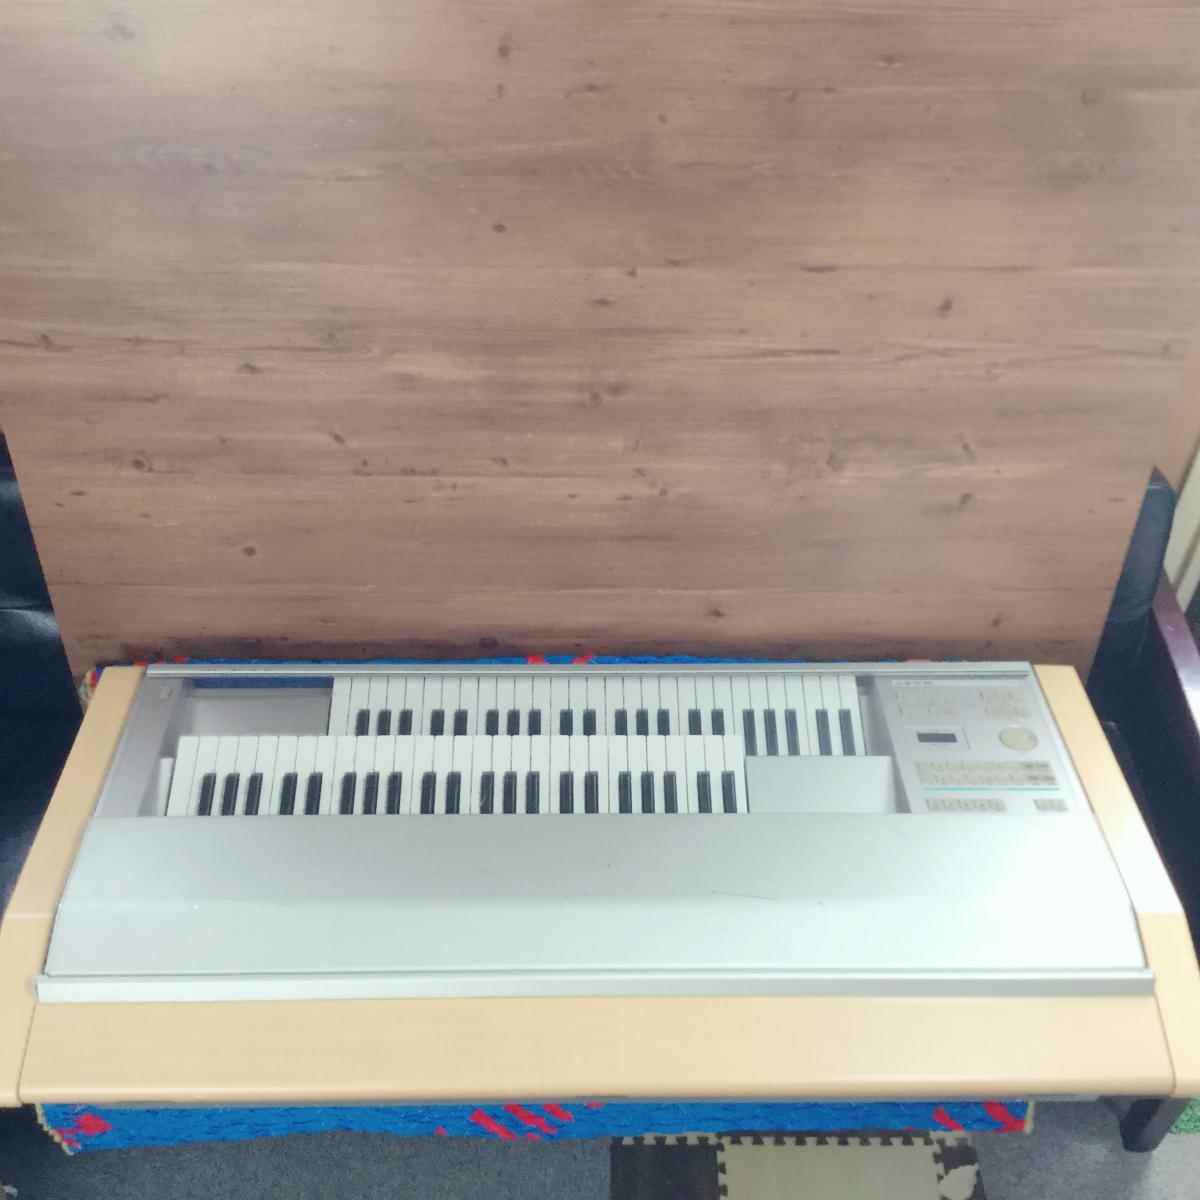 ☆ YAMAHA ヤマハ ELS-01 STAGEA ステージア エレクトーン 鍵盤 電子オルガン 楽器 演奏 キーボード 2004年製 現状品 ☆_画像7